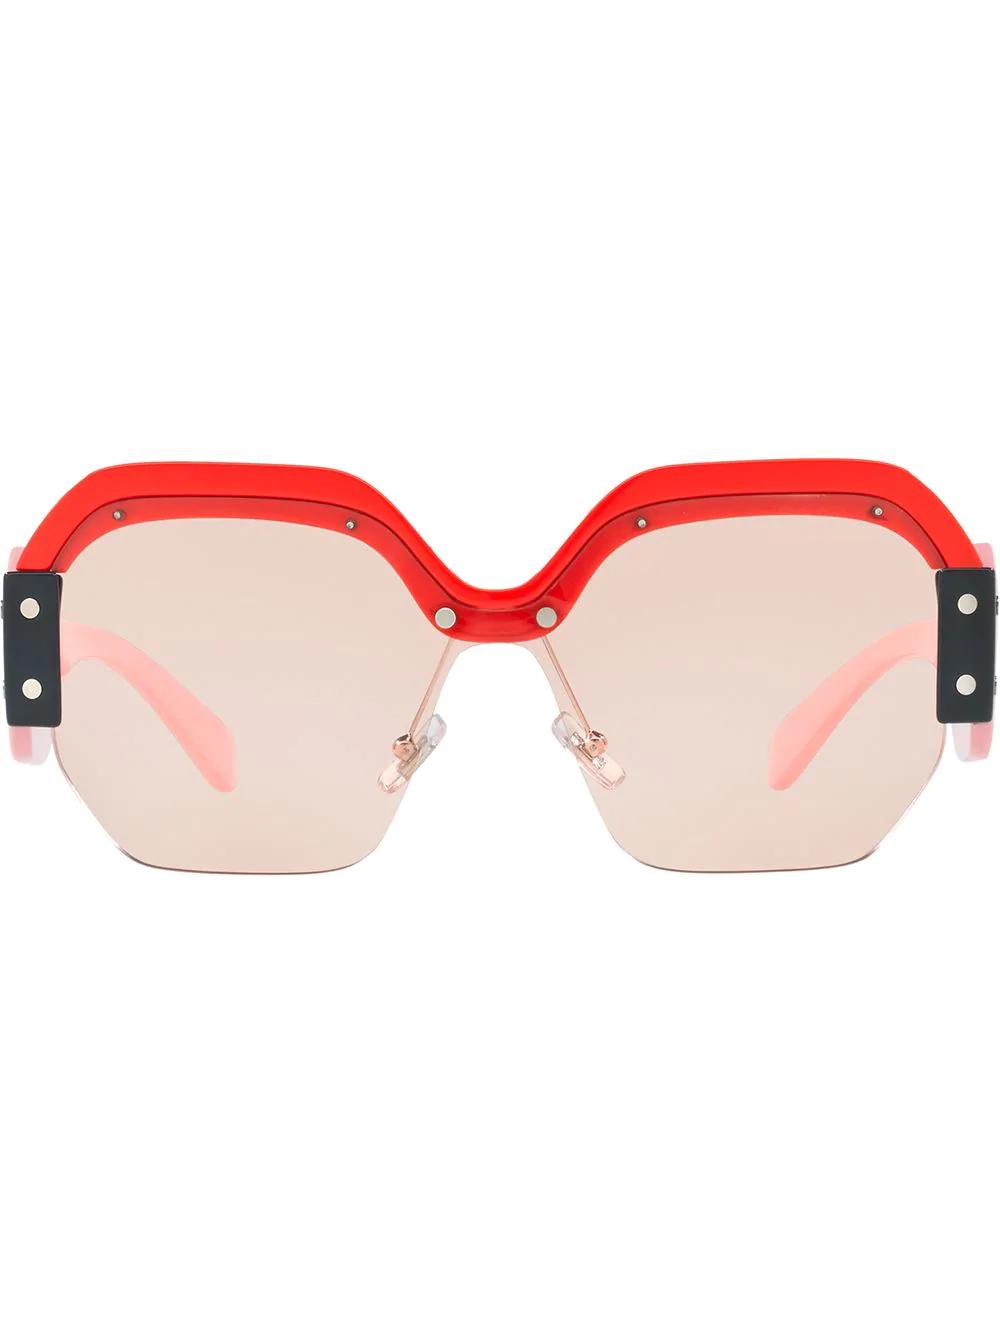 07f6fc4f0f3c96 Miu Miu Eyewear Sorbet Oversized Sunglasses - Red. Farfetch